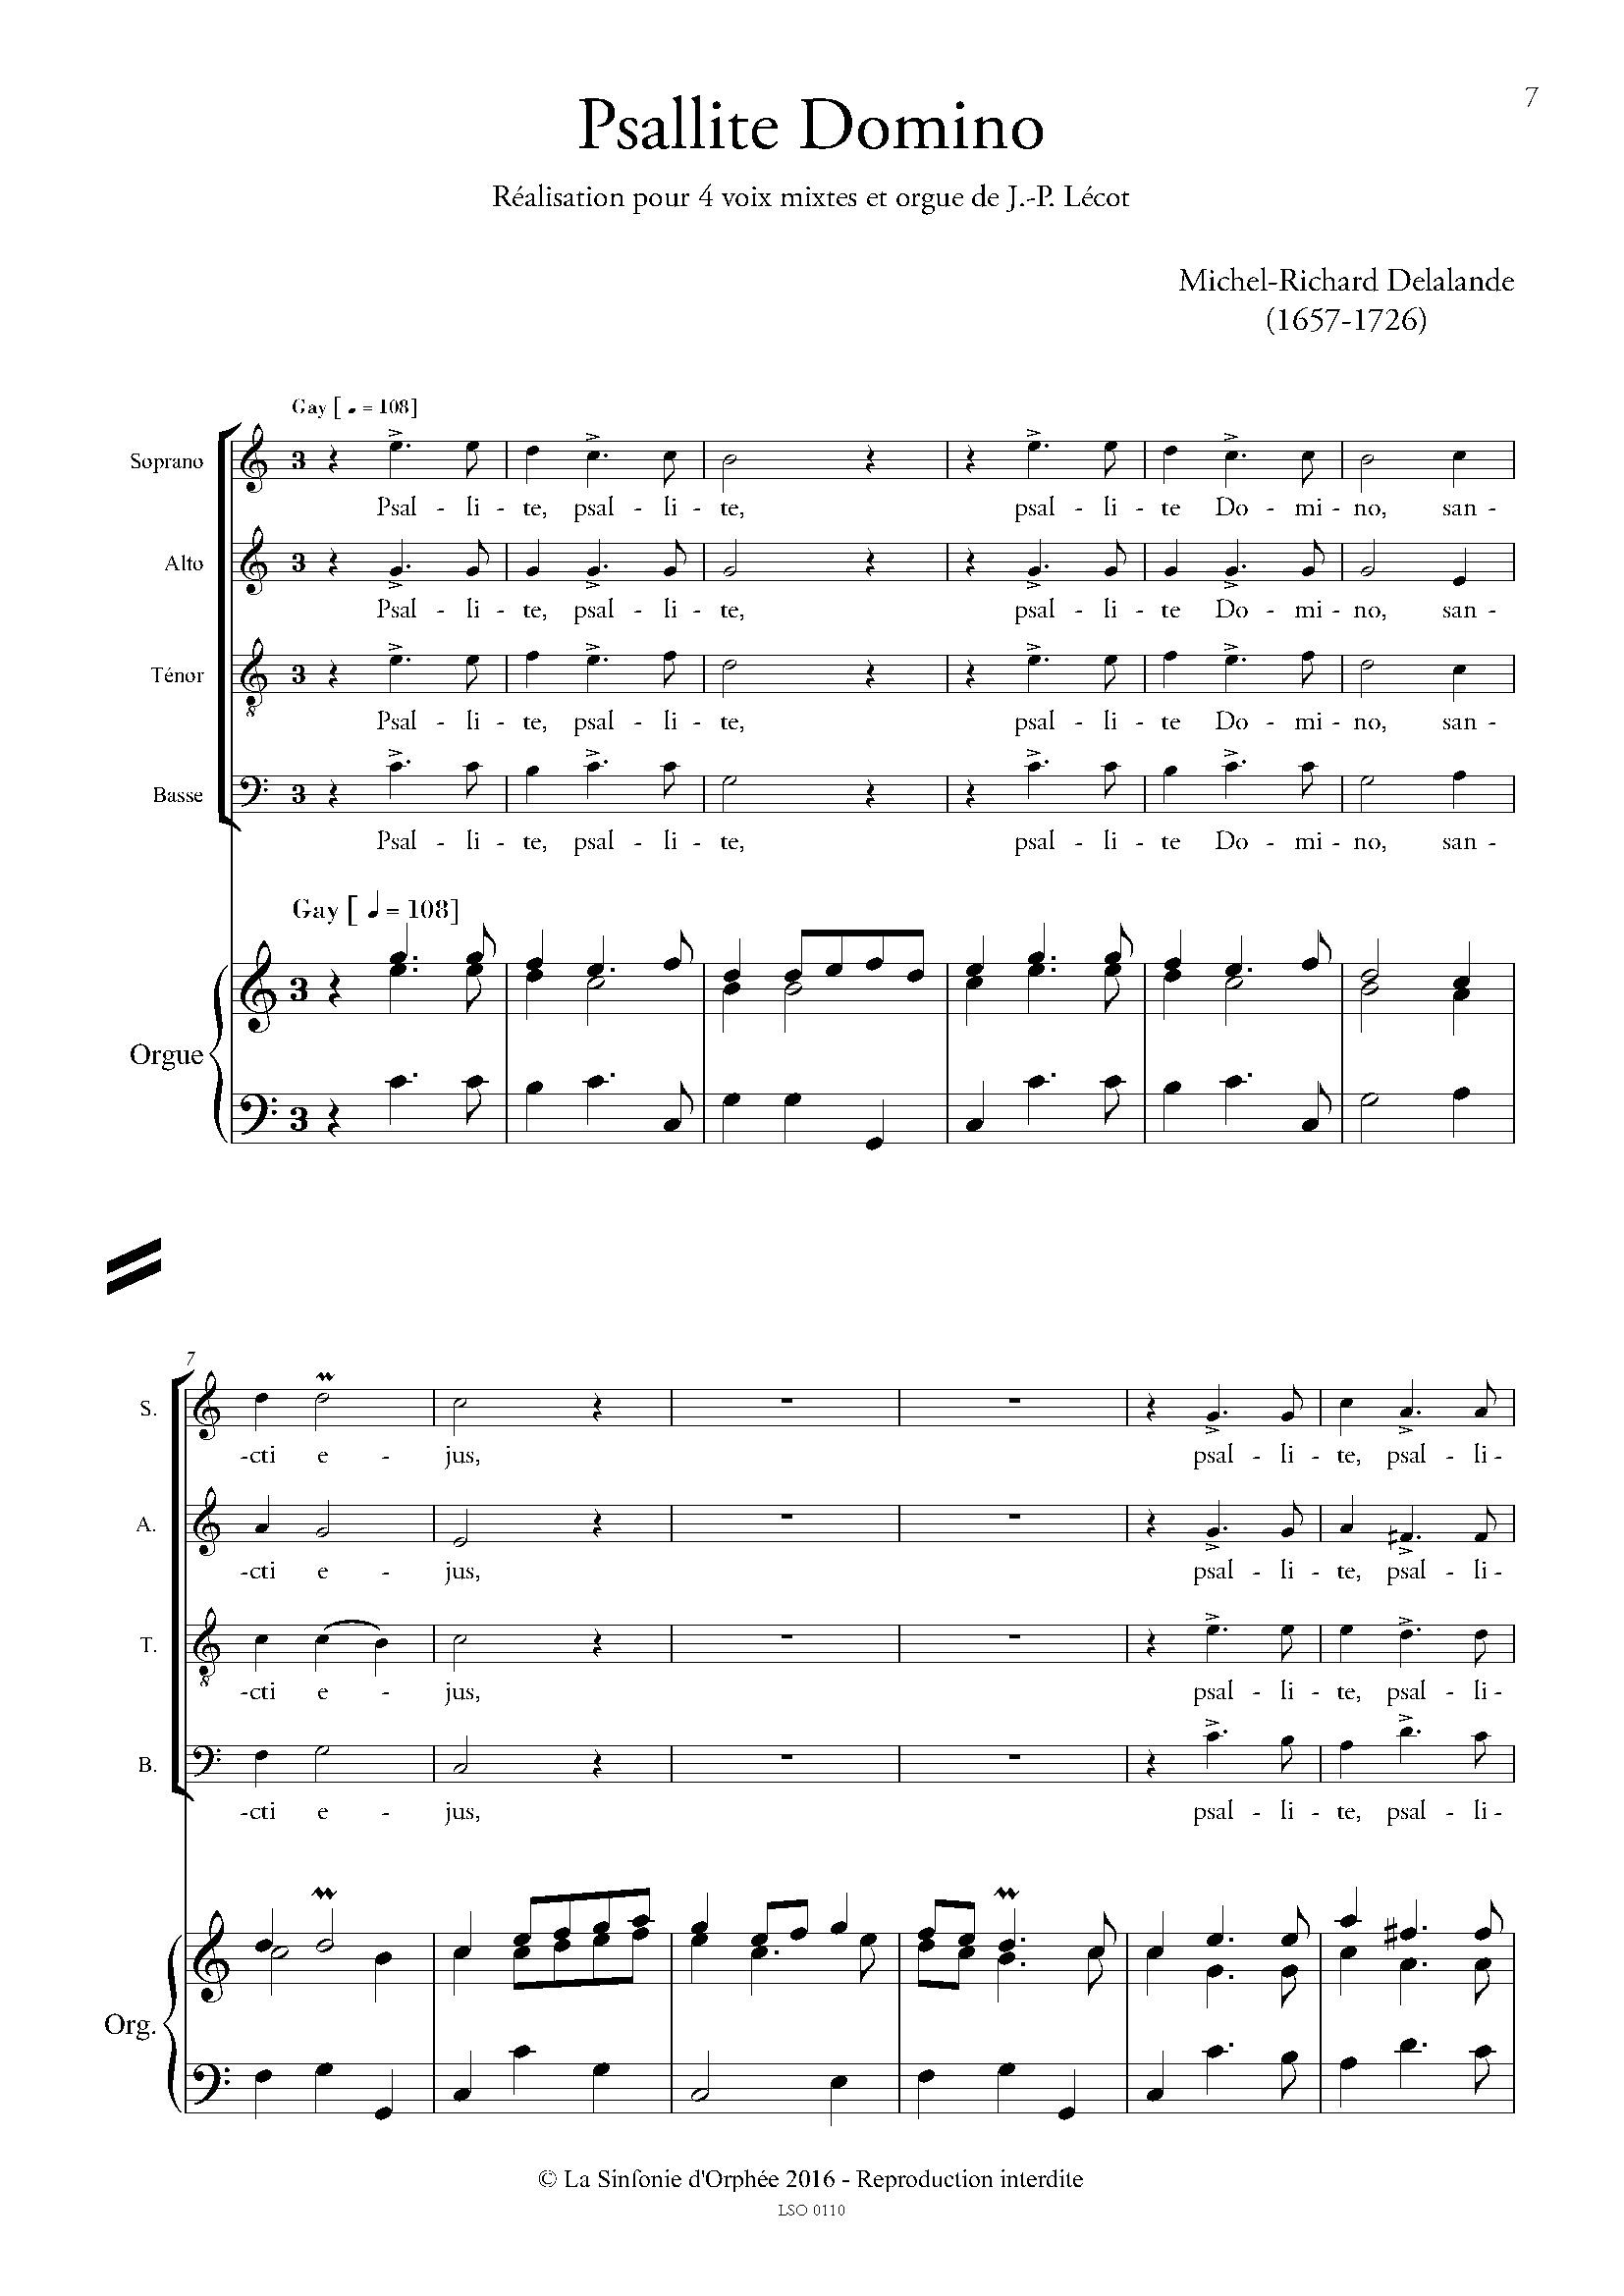 Jehan Titelouze Jean Titelouze - Milan Šlechta - French Organ Music